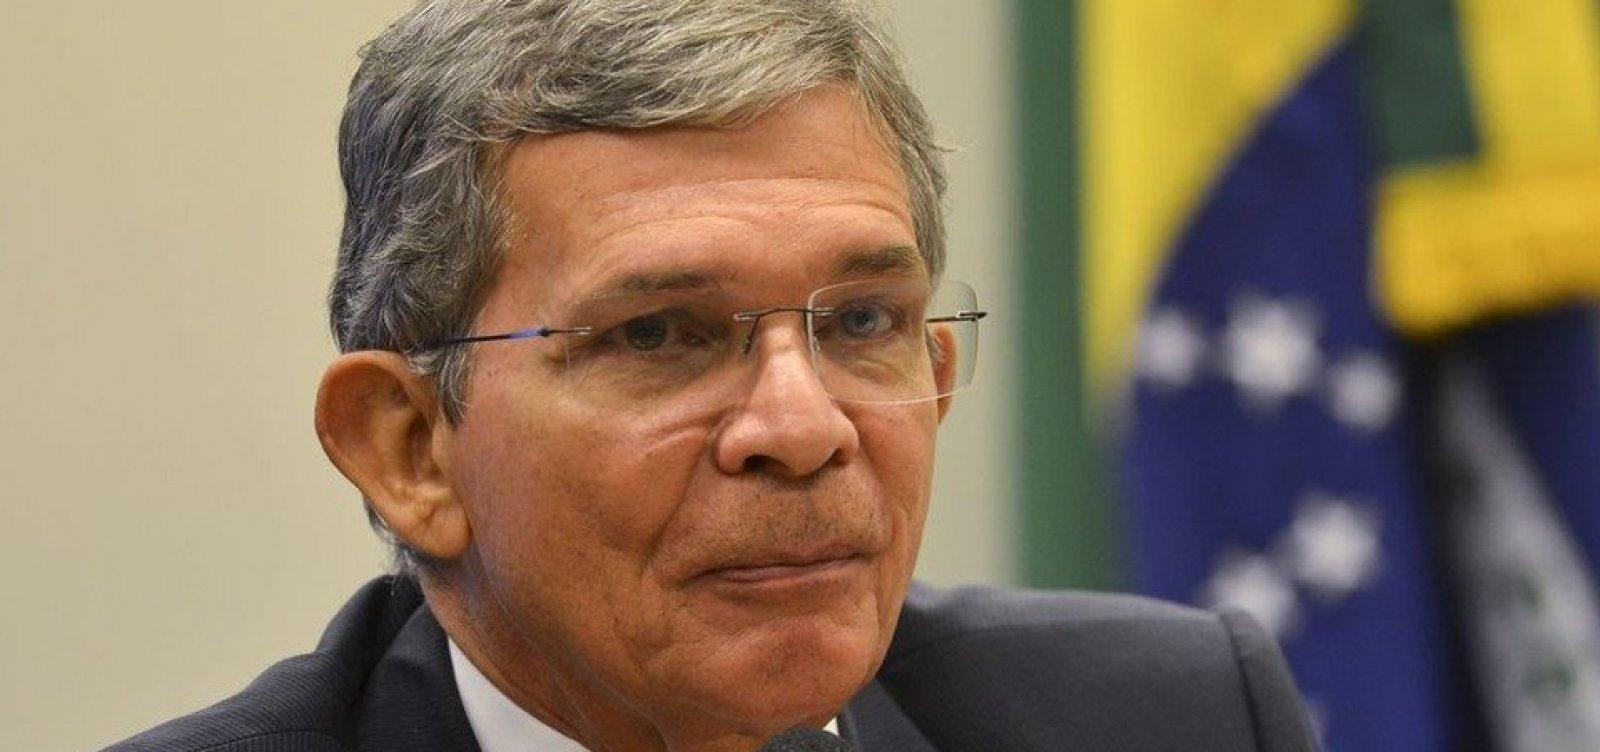 Silva e Luna será o primeiro militar a assumir a Petrobrás desde 1989